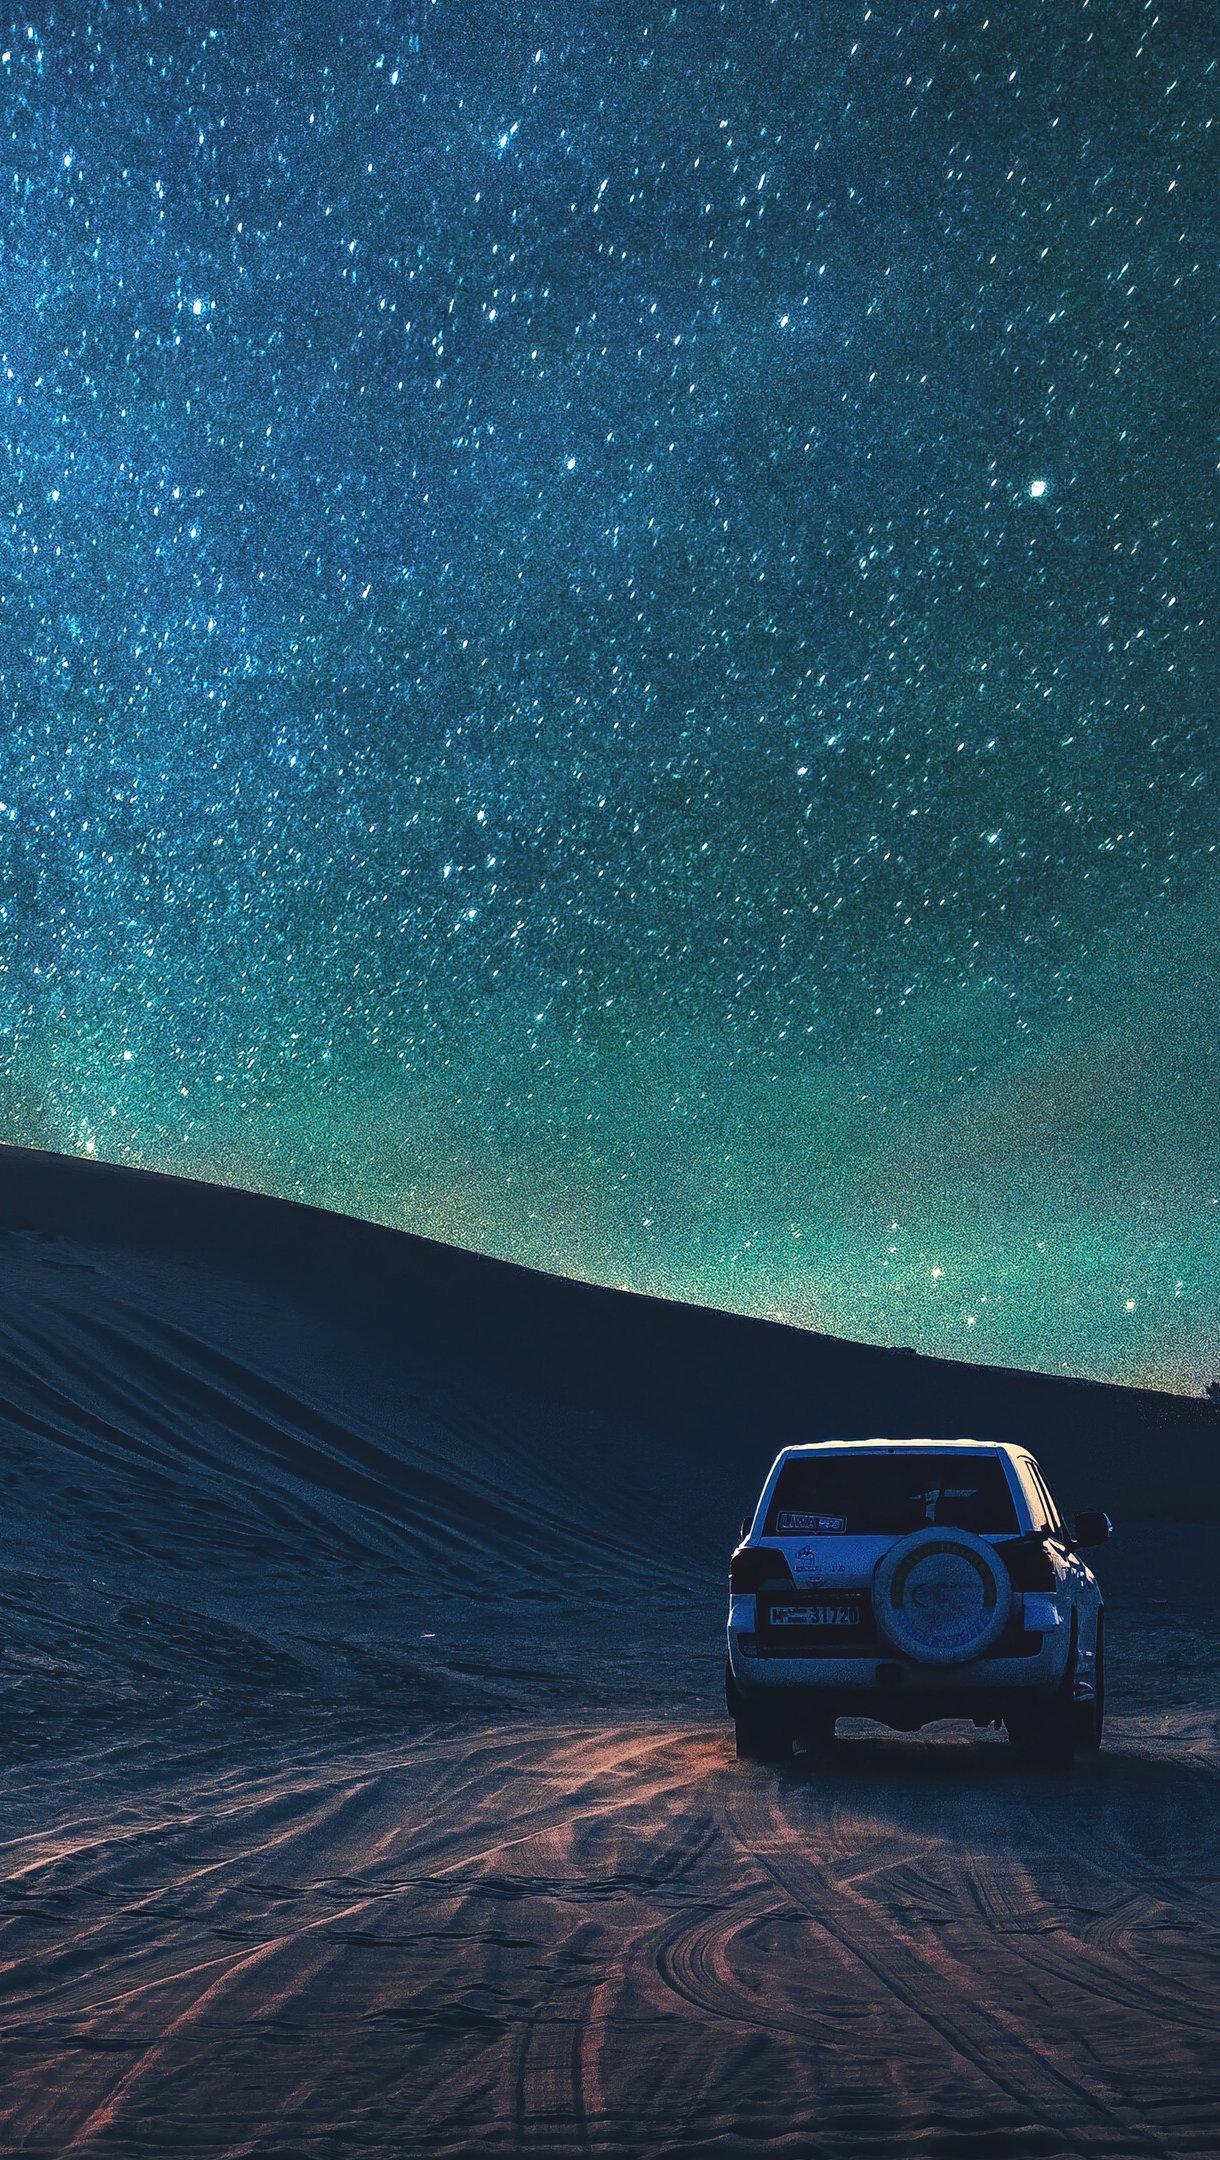 Wallpaper Desert and the stars Vertical